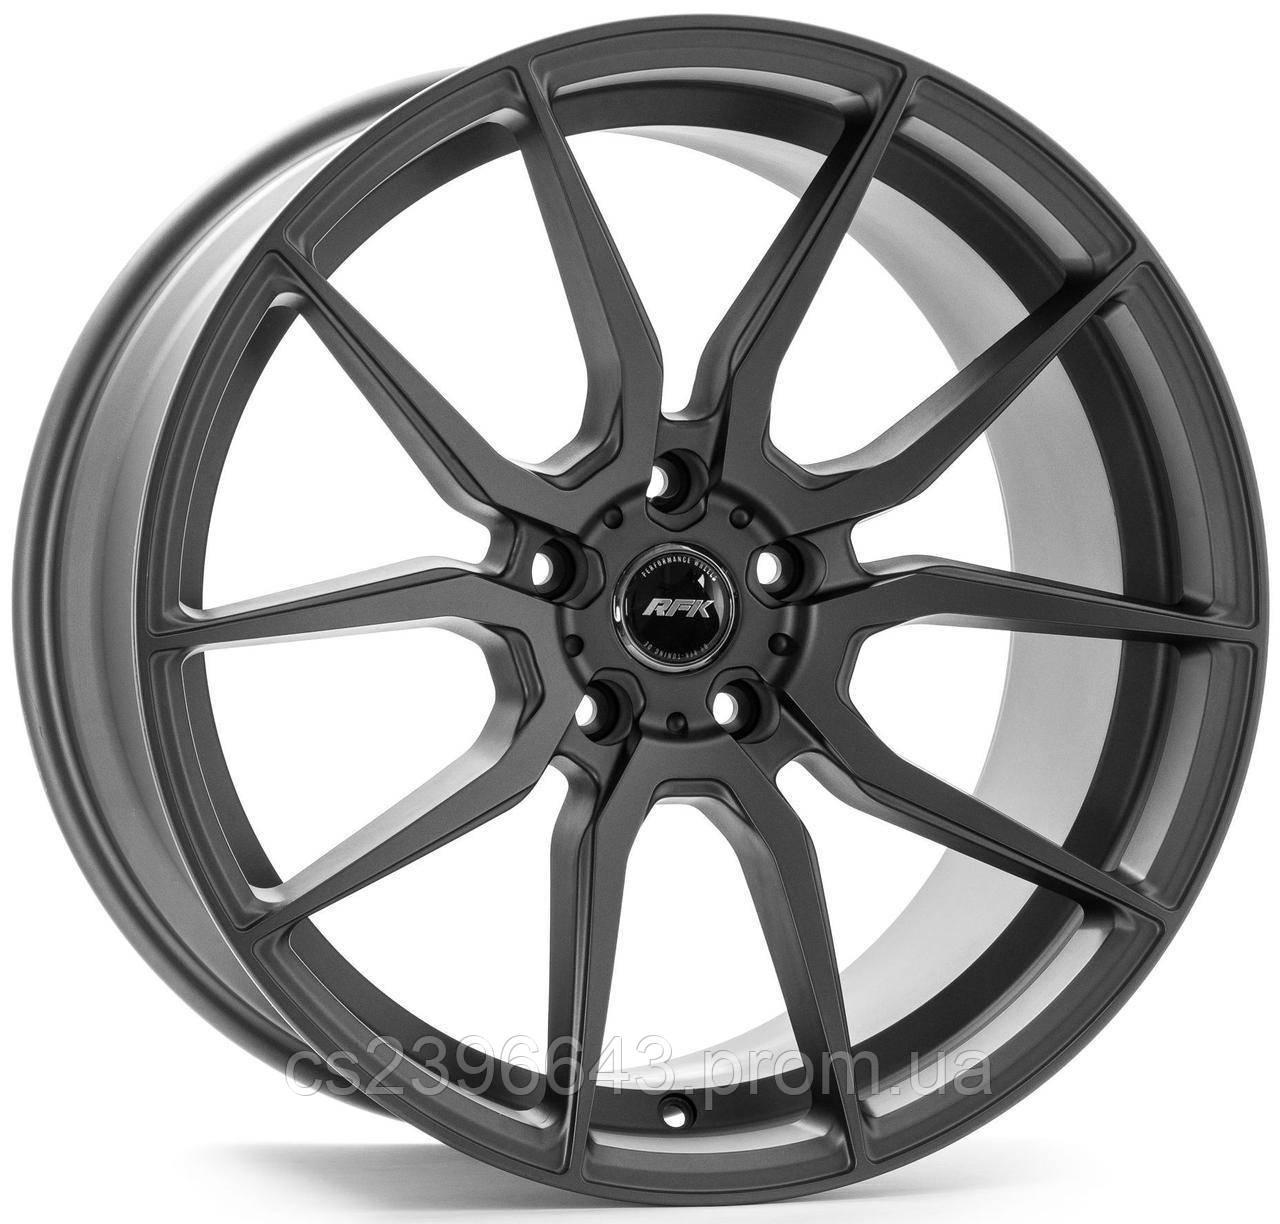 Колесный диск RFK Wheels GLS303 20x9 ET15